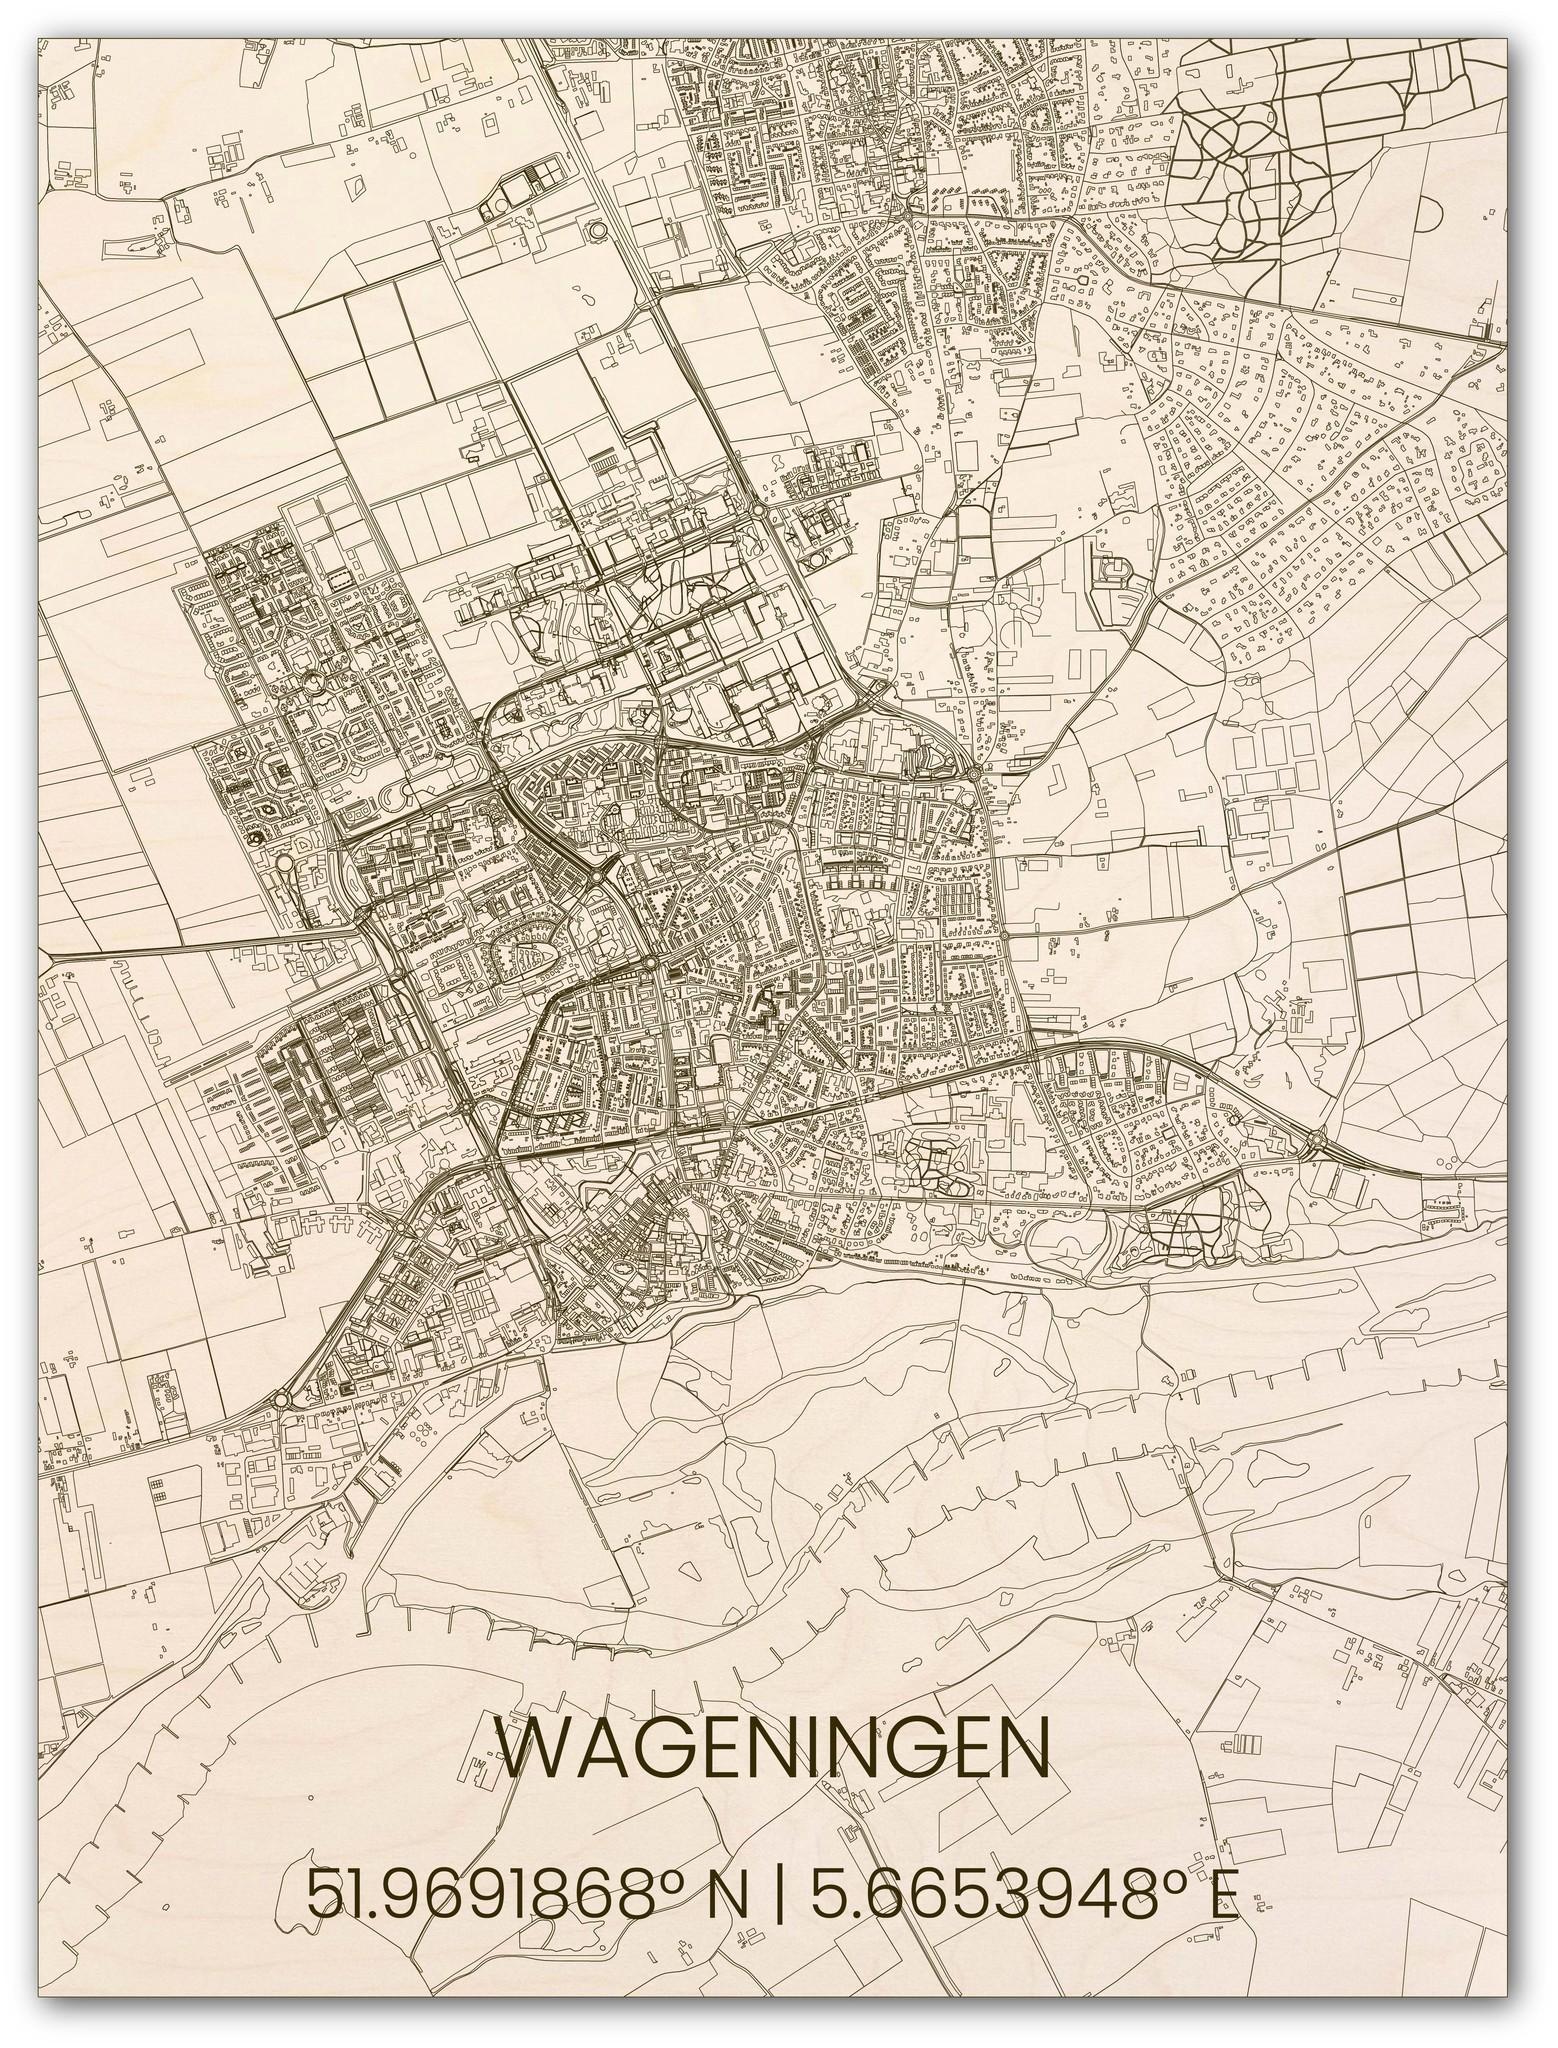 Houten stadsplattegrond Wageningen-1